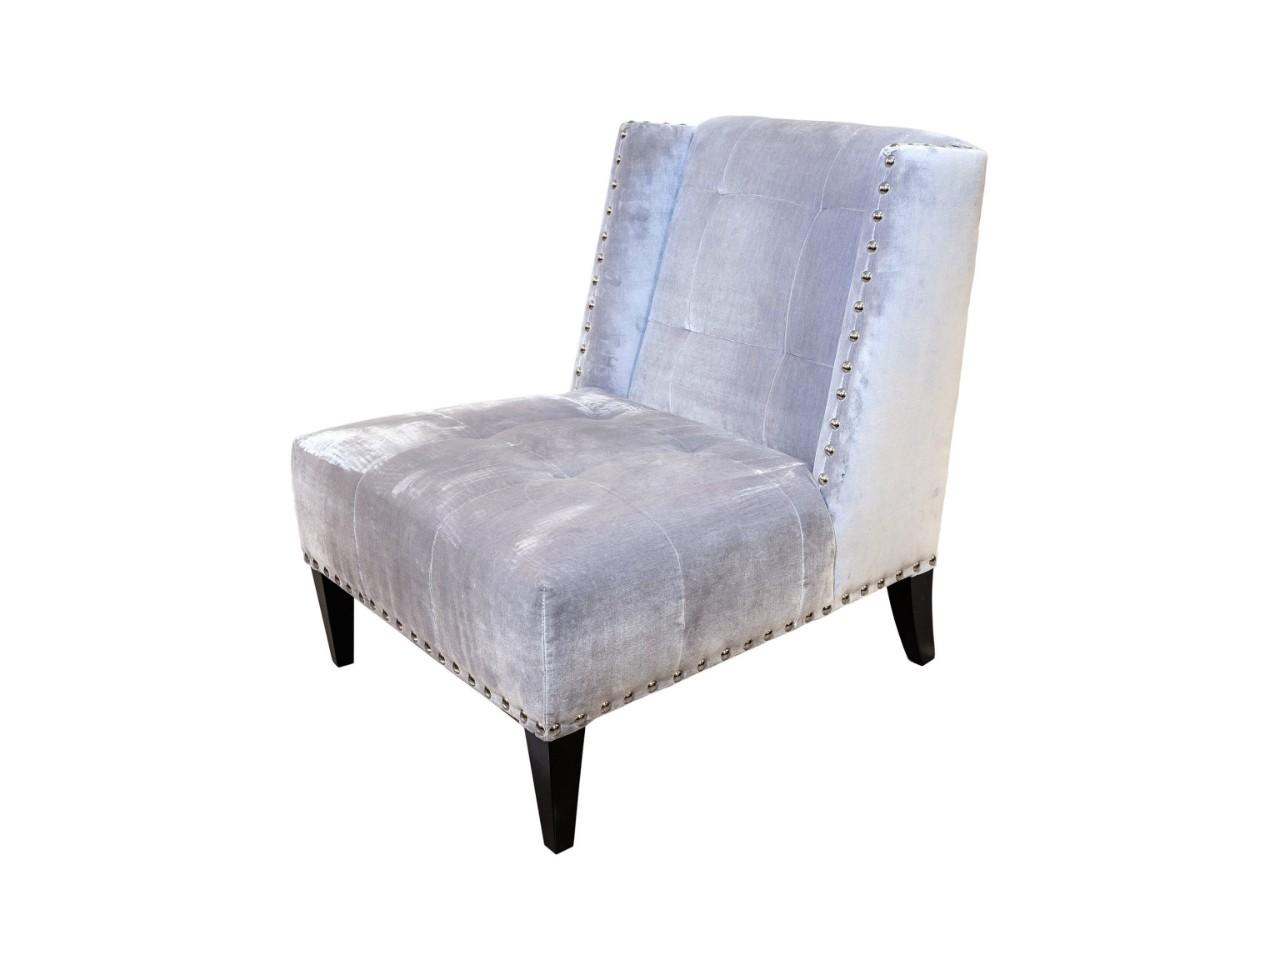 Кресло СамирИнтерьерные кресла<br>Небольшое, но очень уютное кресло из натурального дерева, обитое велюром. Такое кресло впишется в любой интерьер и может разместиться не только в зоне отдыха, а еще и перед зеркалом к примеру, или в прихожей. Оно подарит вам настоящее наслаждение от комфорта и мягкости, которое способно подарить.<br><br>Material: Велюр<br>Width см: 77<br>Depth см: 88<br>Height см: 90